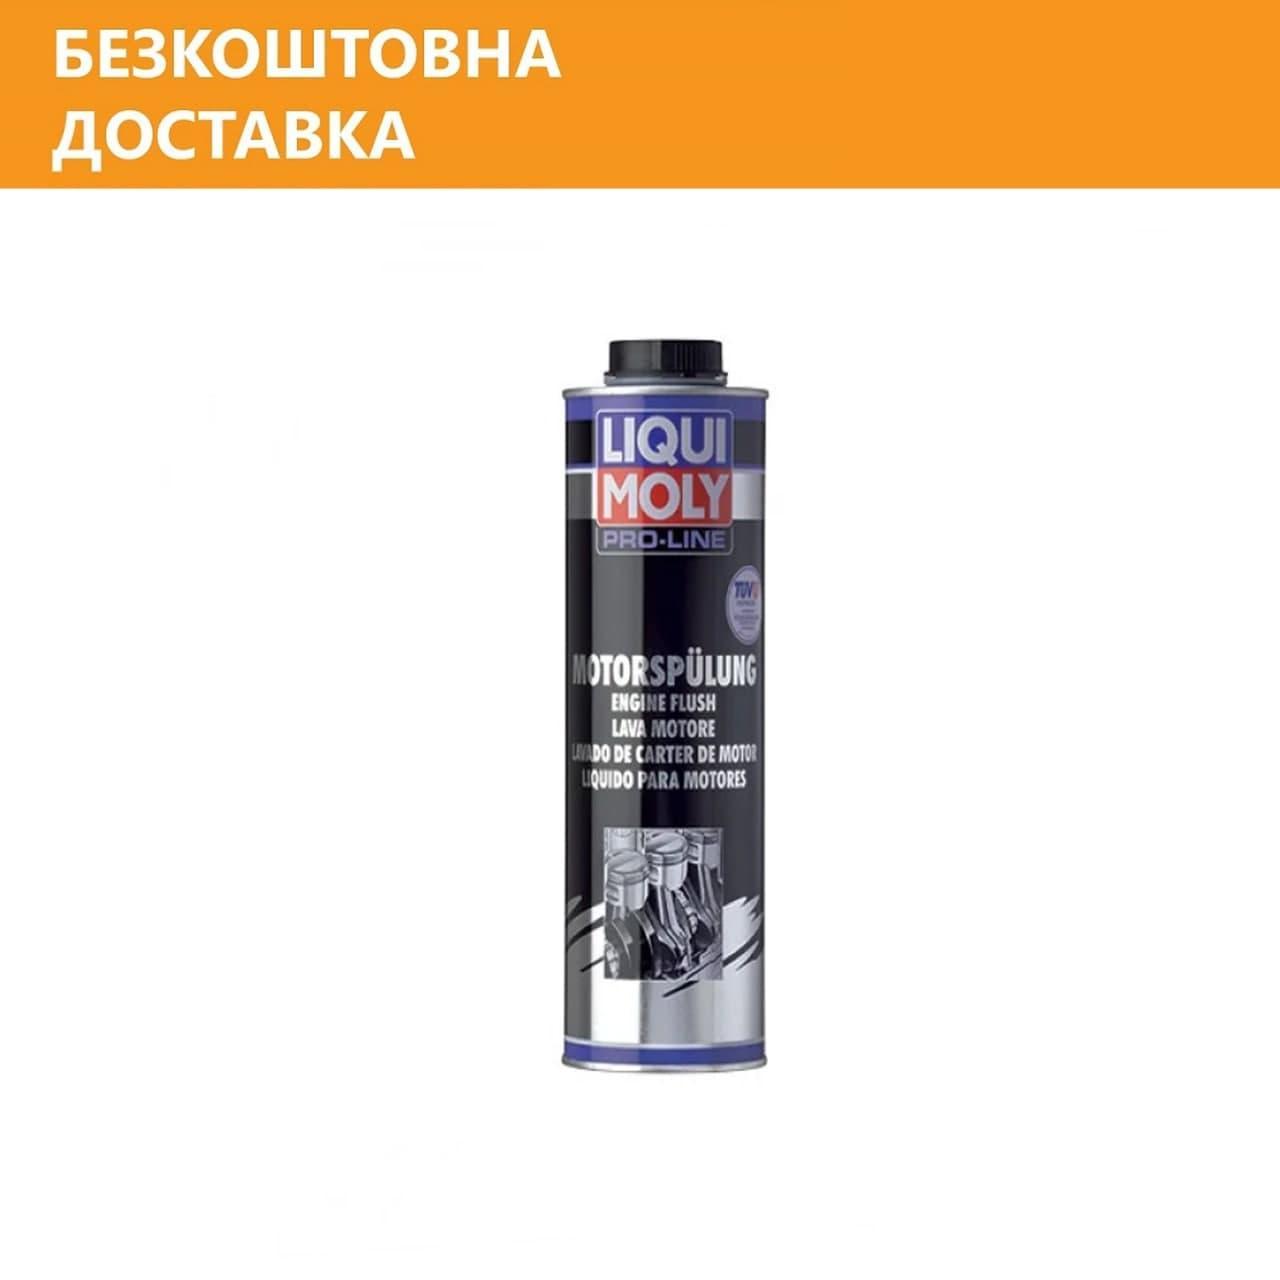 Средство для профессиональной промывки двигателя Liqui Moly, промывка для масляной системы 0.5 л.